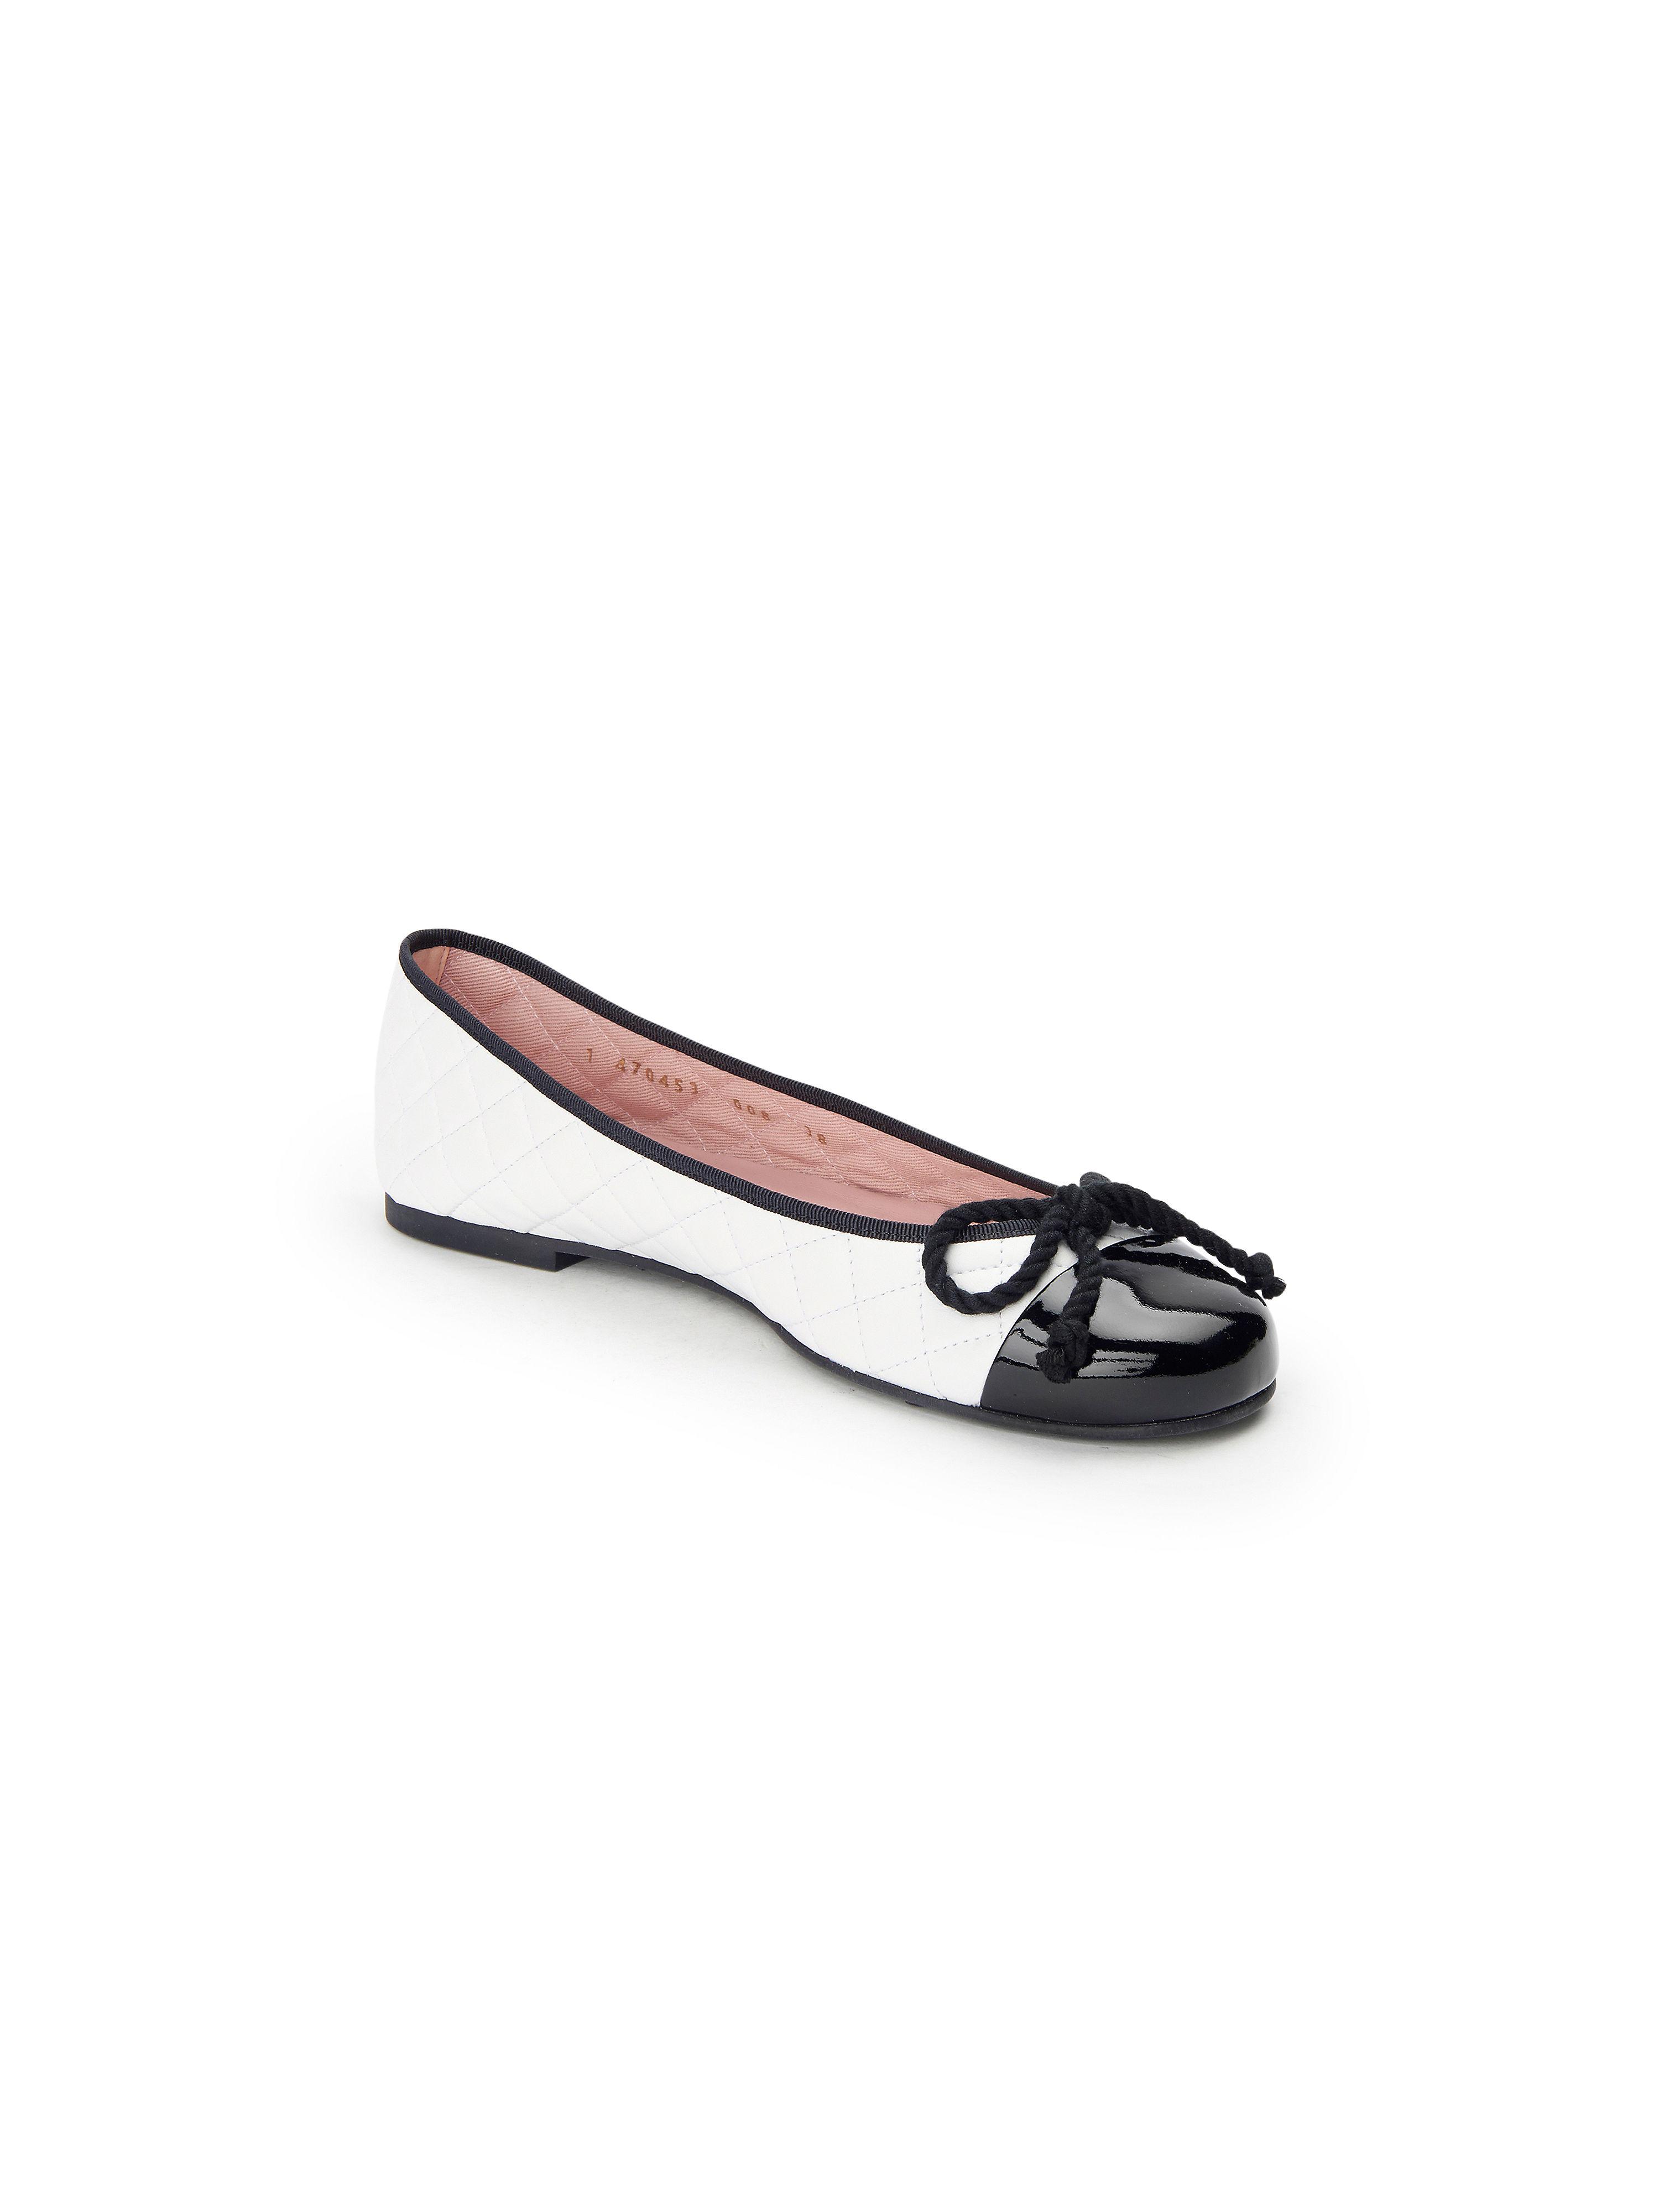 Pretty Ballerinas - - Ballerina aus 100% Leder - - Weiß/Schwarz Gute Qualität beliebte Schuhe a6665e